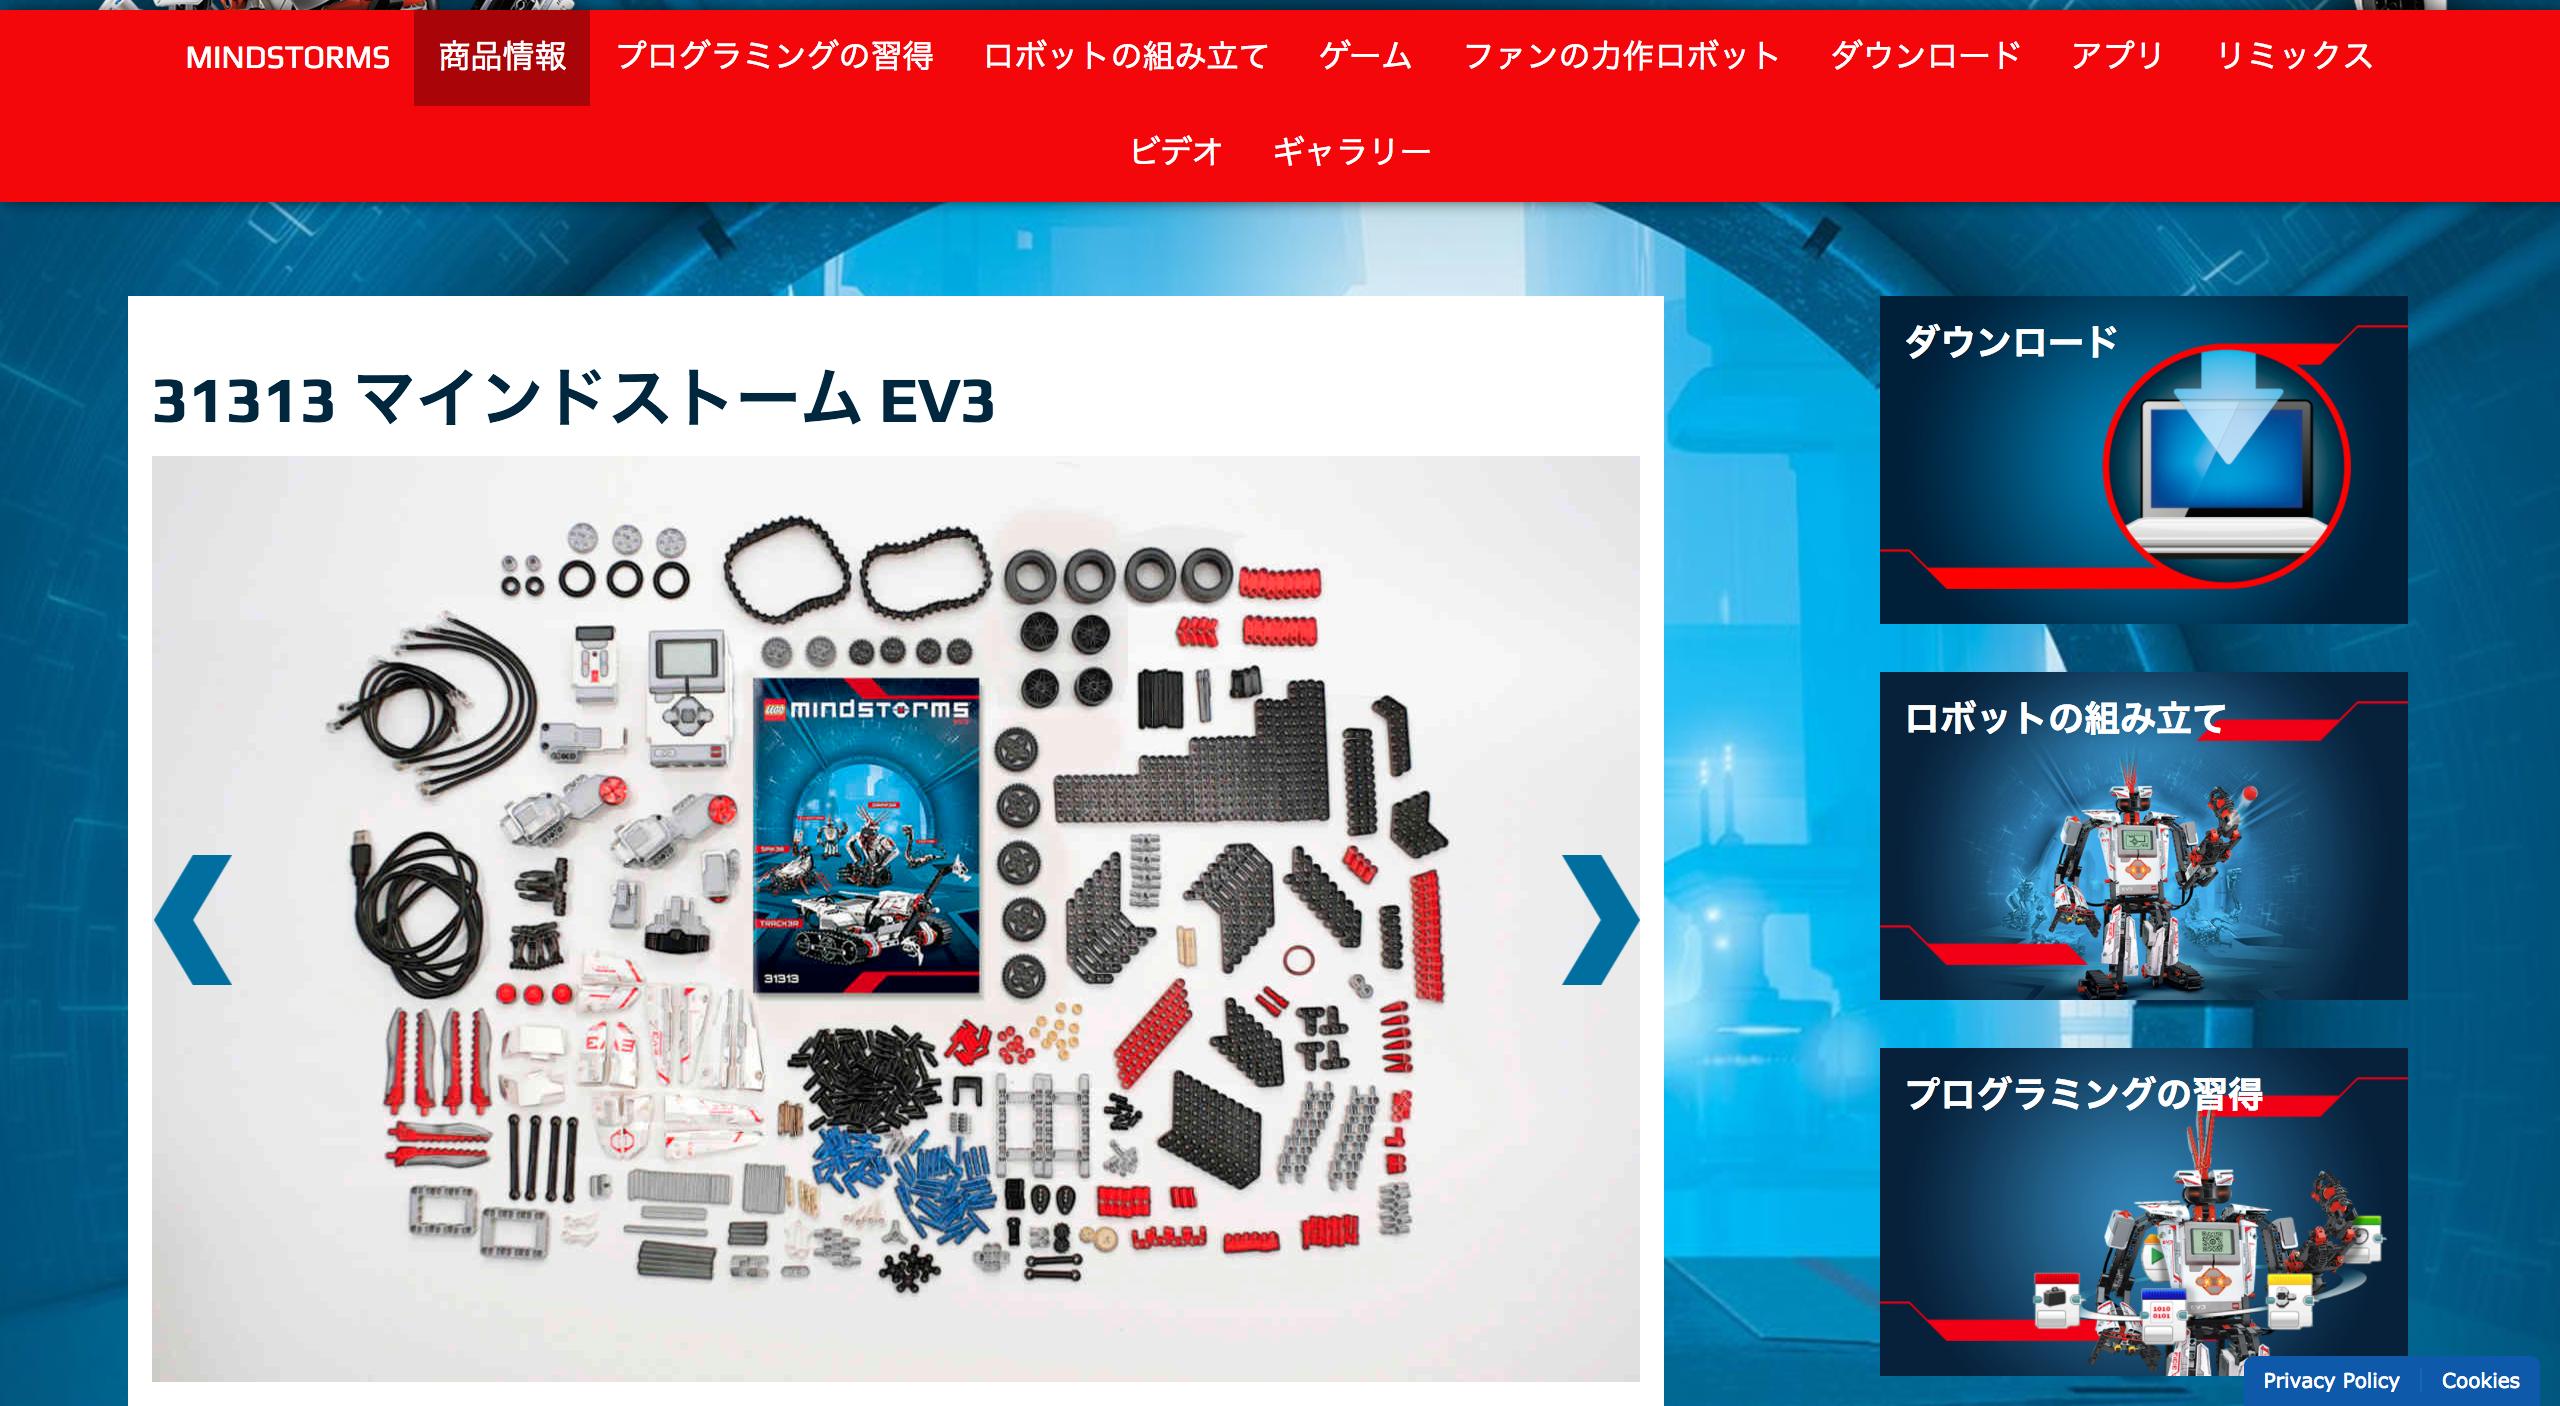 FireShot Capture 272 - 31313 マインドストーム EV3 - 商品情報 - レゴ®マインドスト_ - https___www.lego.com_ja-jp_mindsto